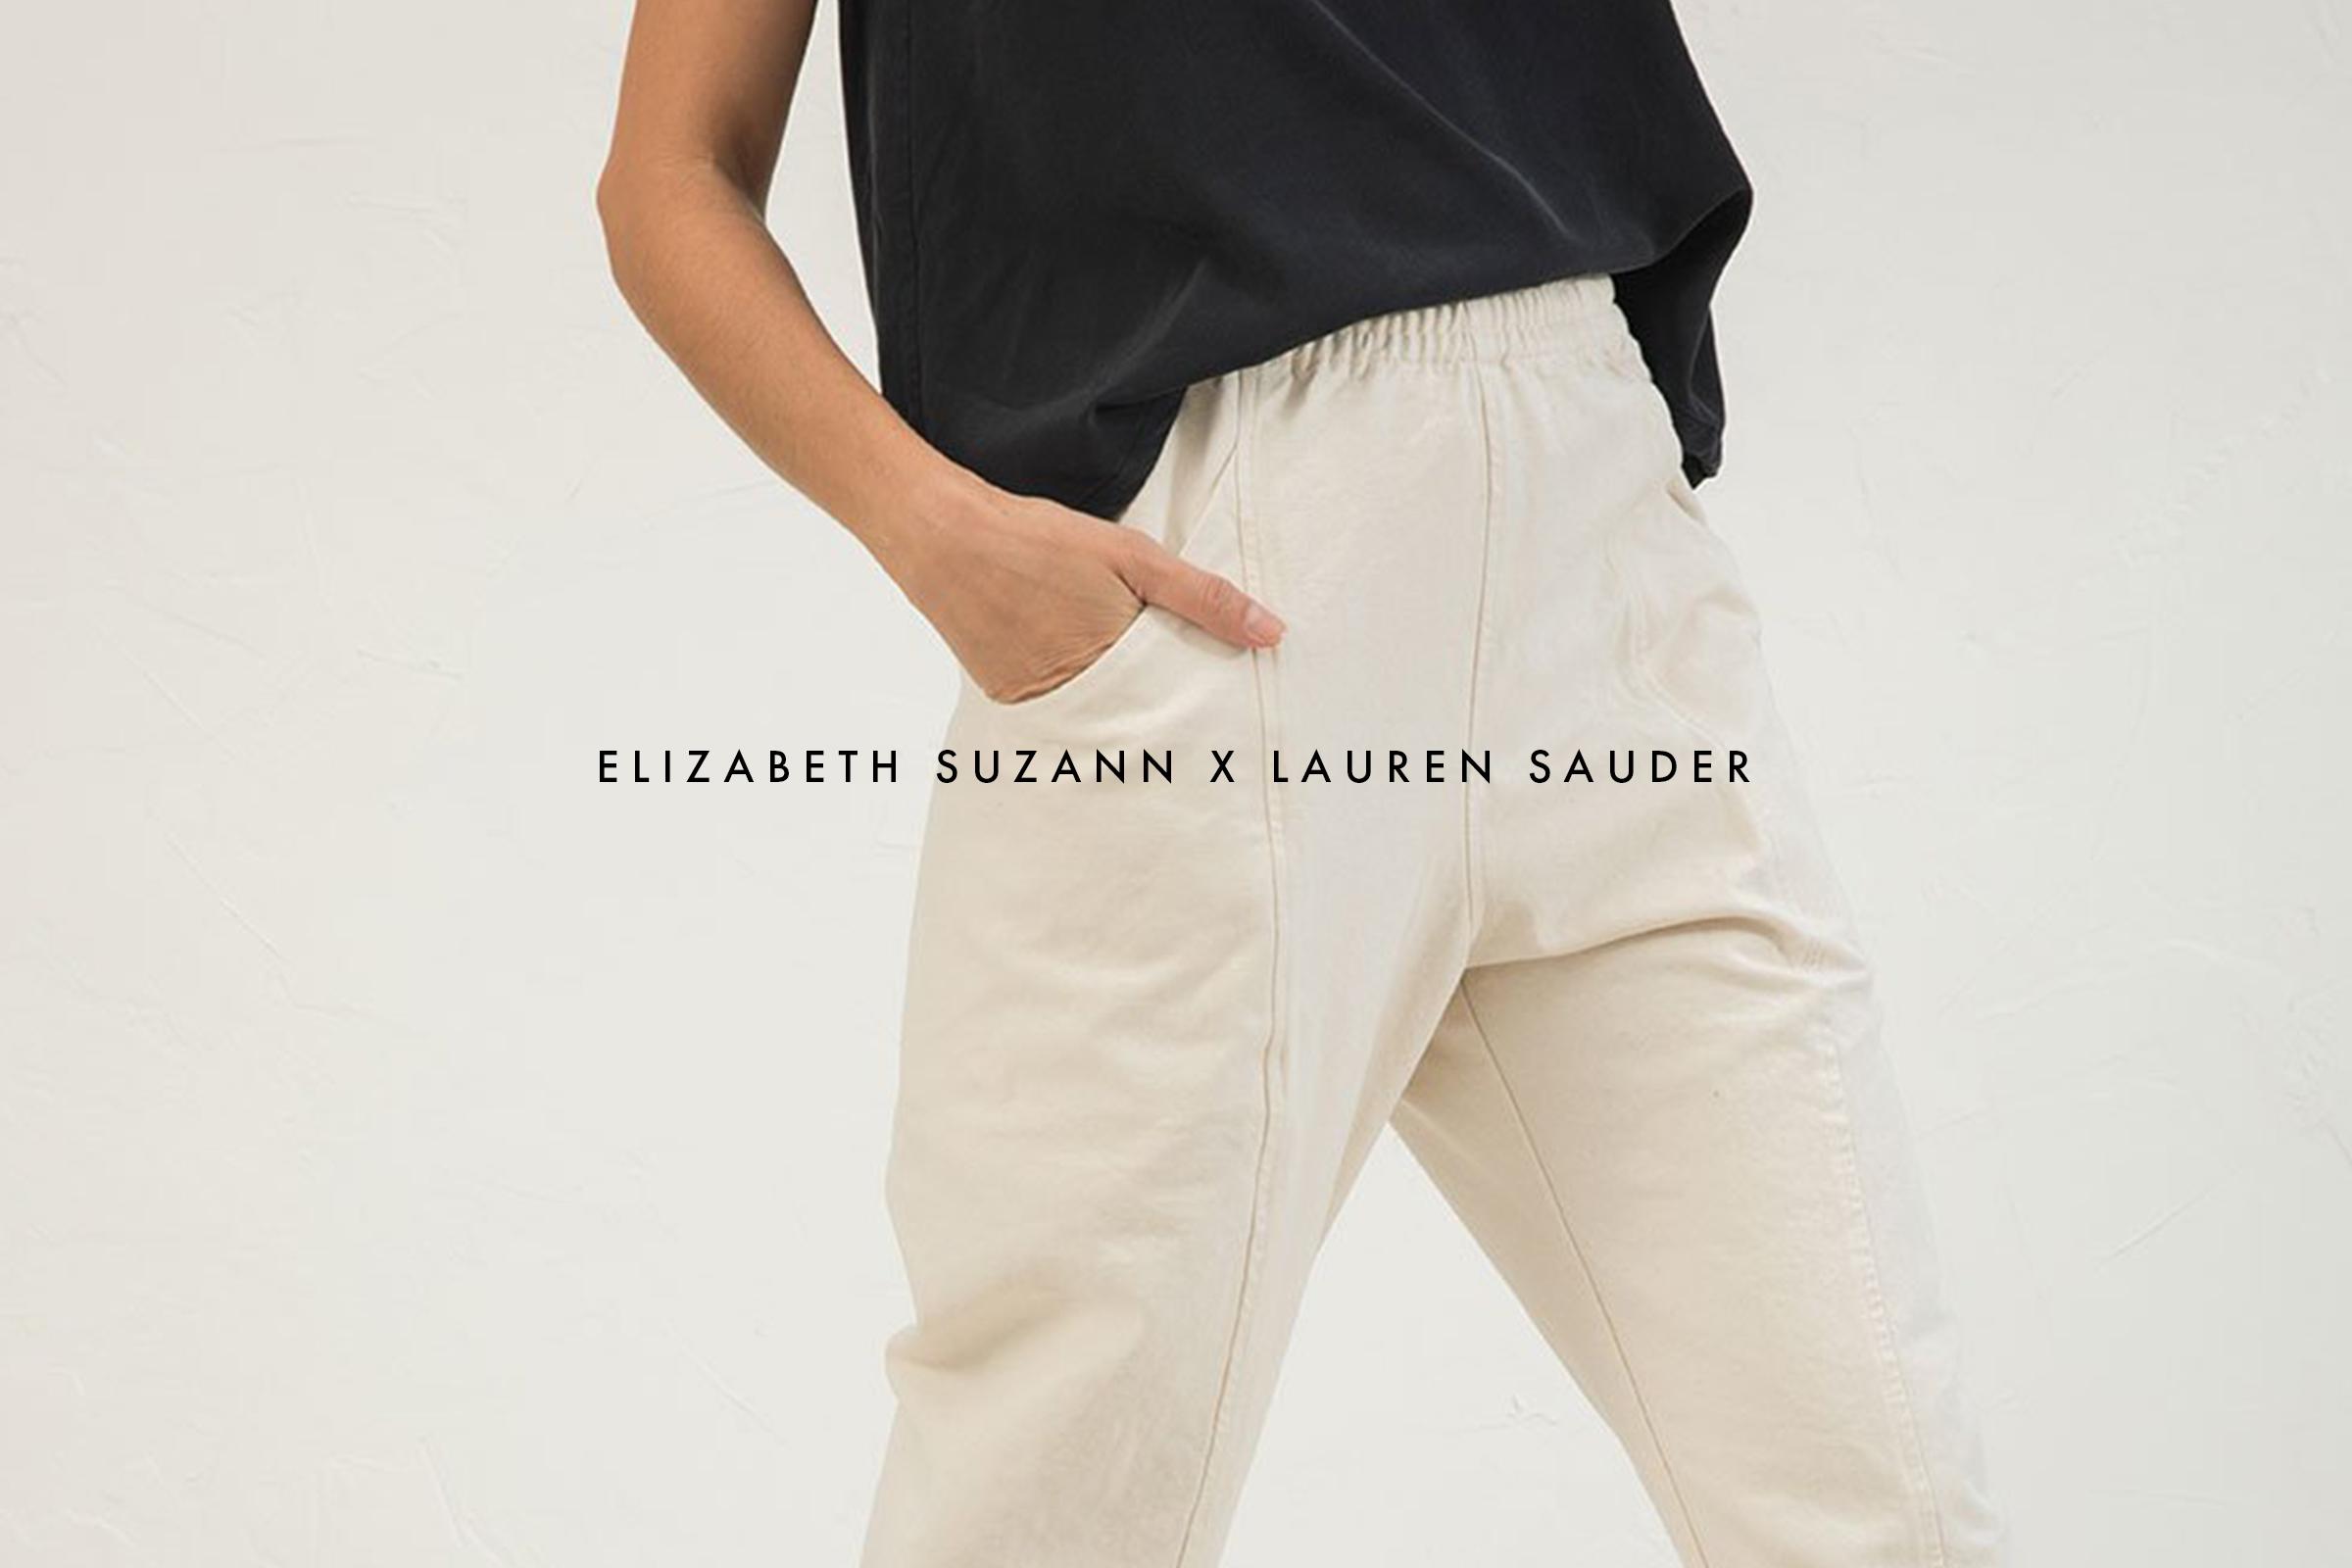 Elizabeth Suzann x Lauren Sauder